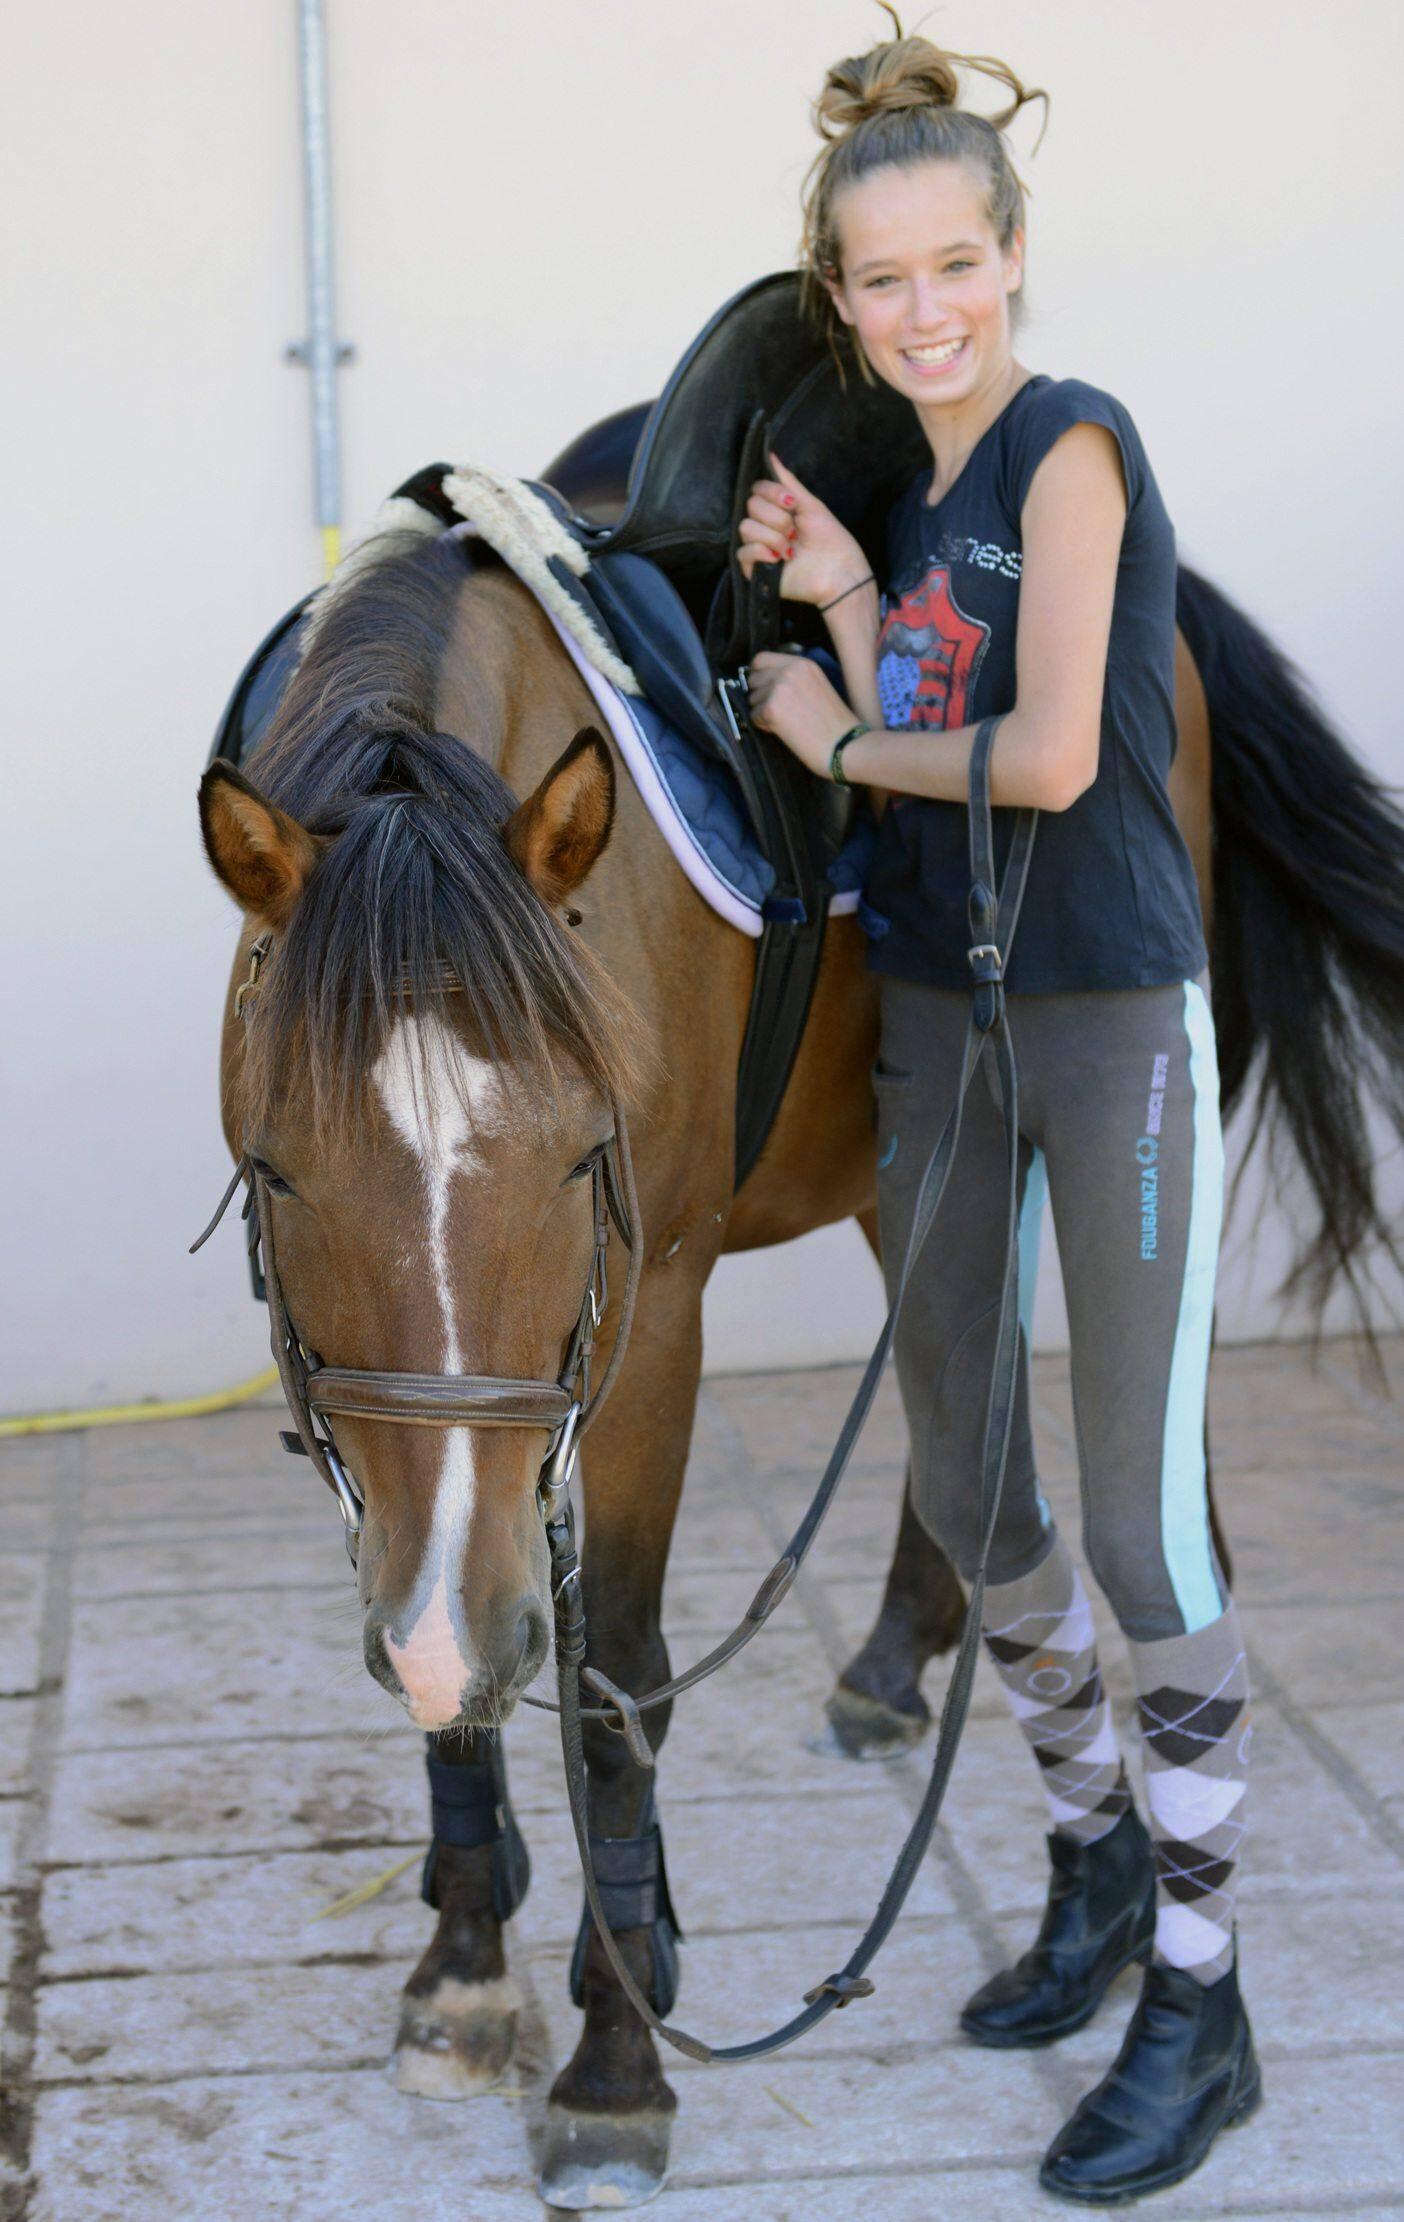 De retour dans son boxe, la cavalière descelle son cheval.